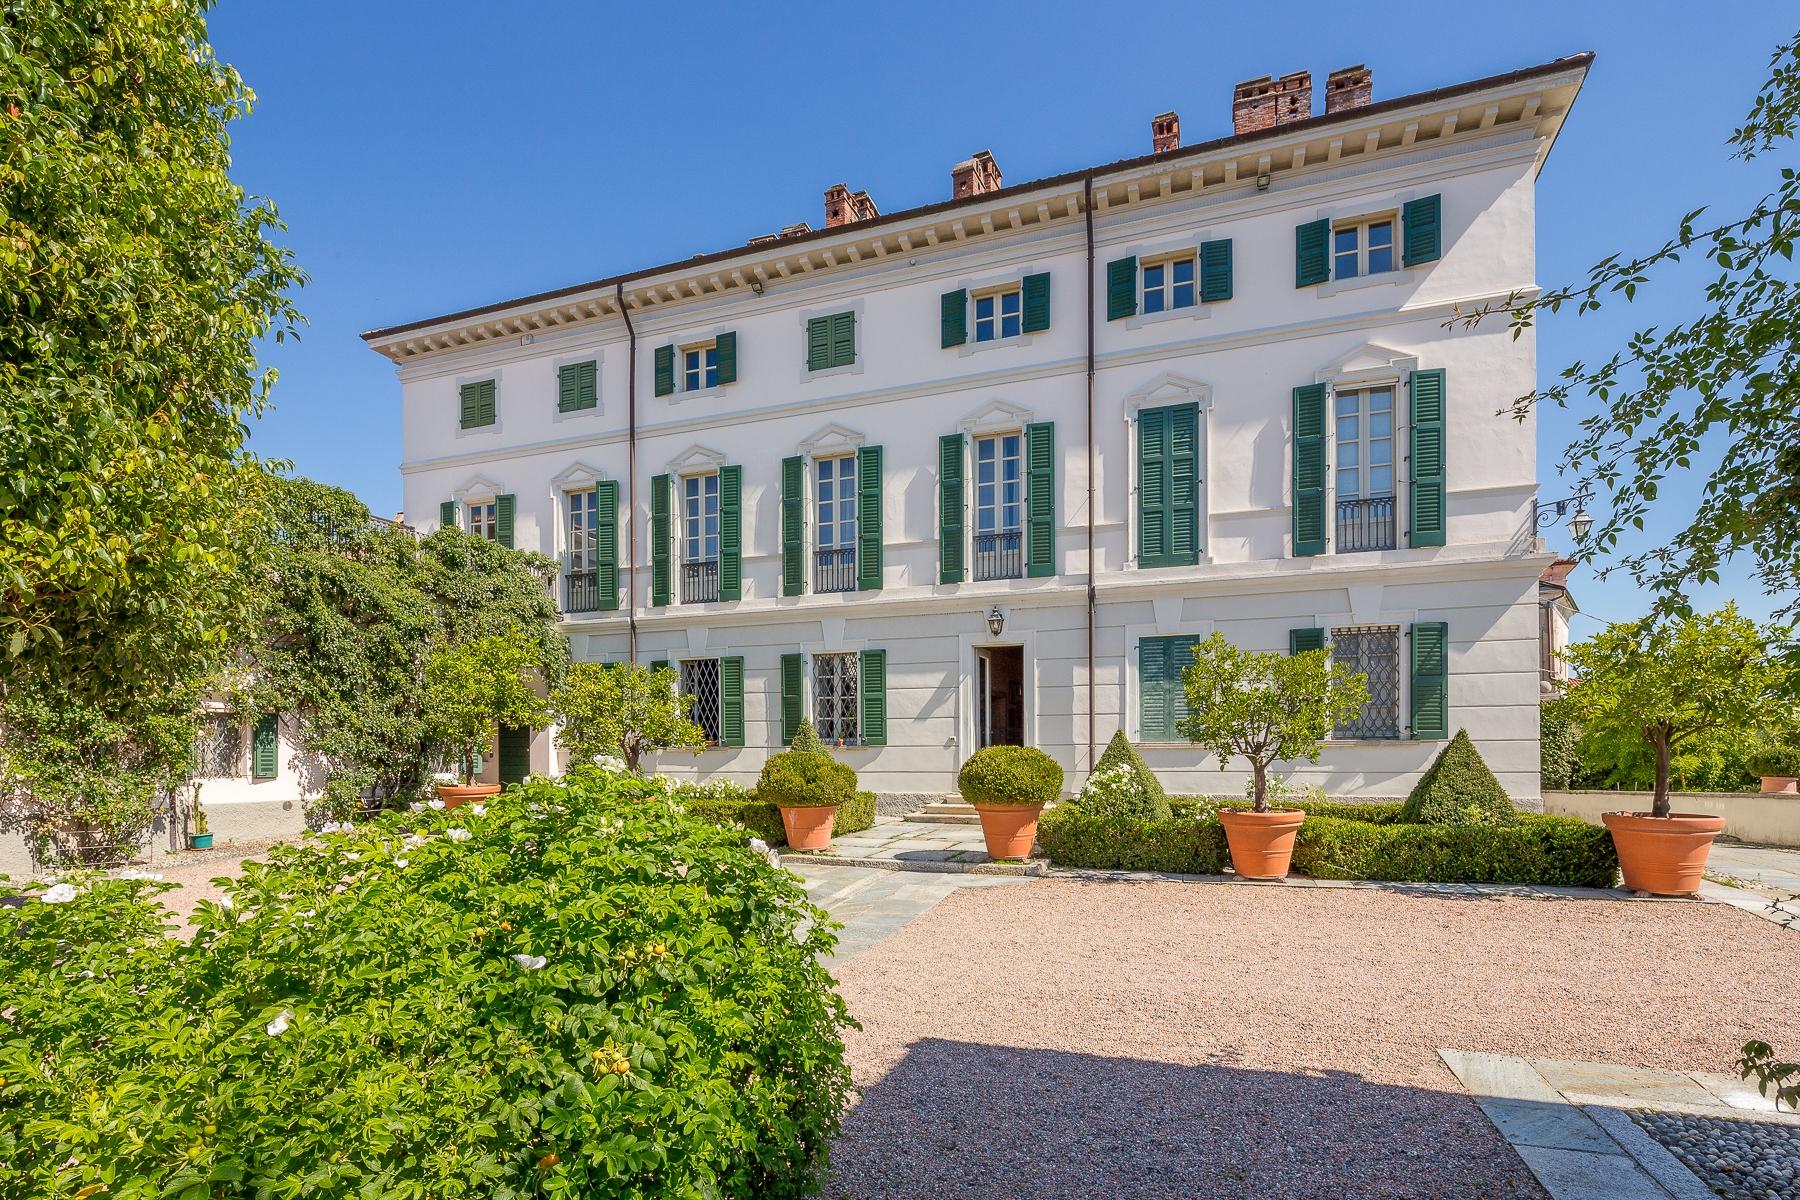 Villa in Vendita a Bogogno:  5 locali, 580 mq  - Foto 1